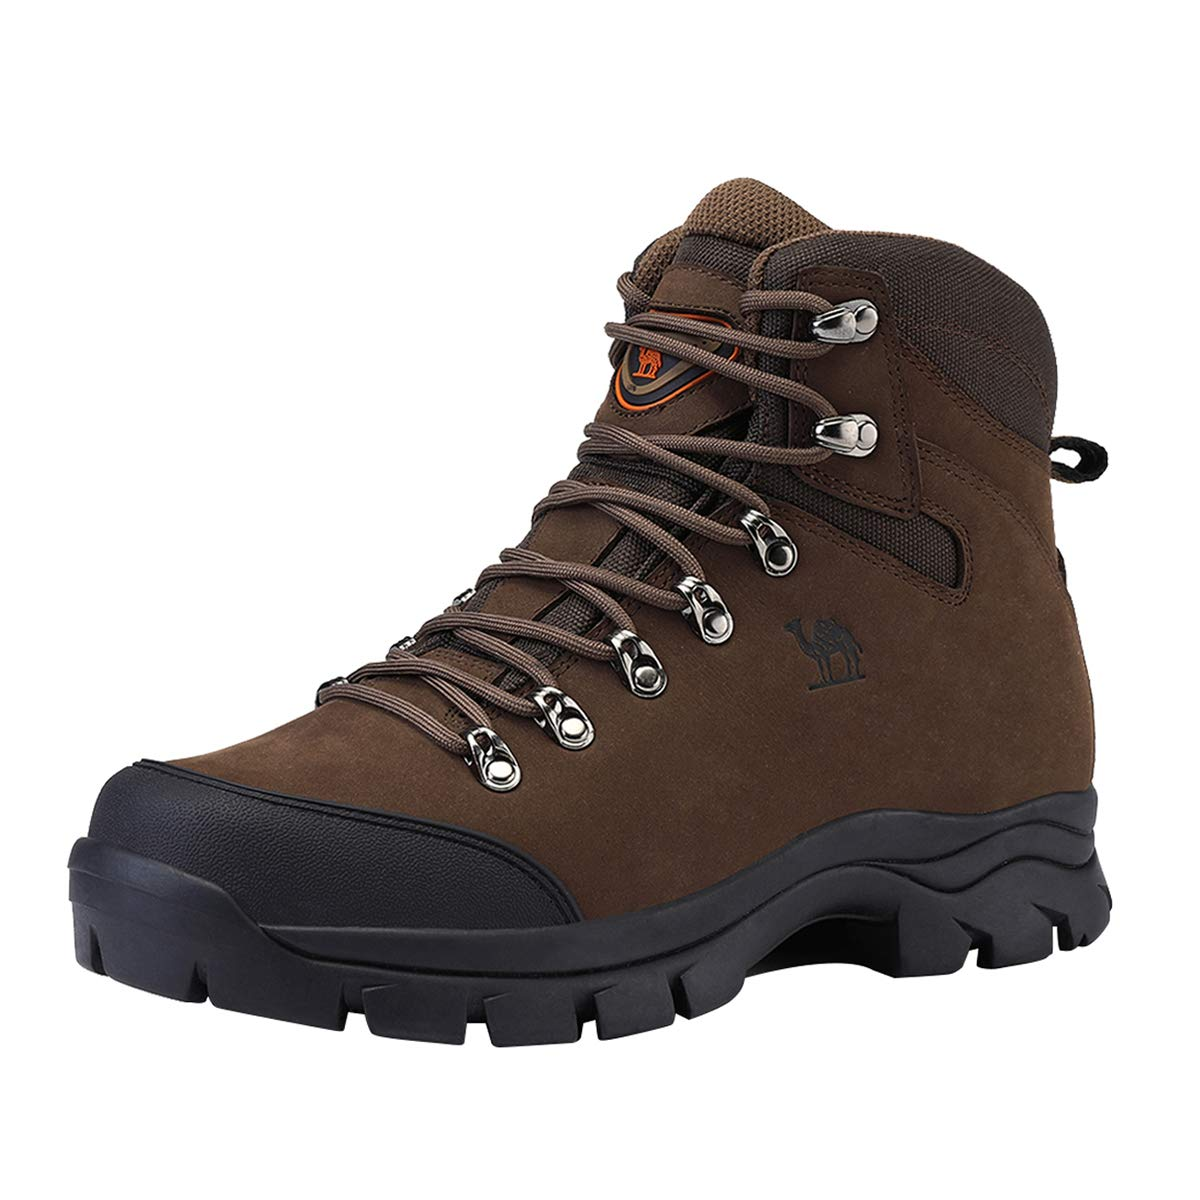 CAMEL CROWN Wanderschuhe Herren, Rutschfest Trekkingschuhe Warme Wanderstiefel Trekkingstiefel Männer für Wandern Abenteuer Outdoor Sport (Schwarz Braun, 41-47)